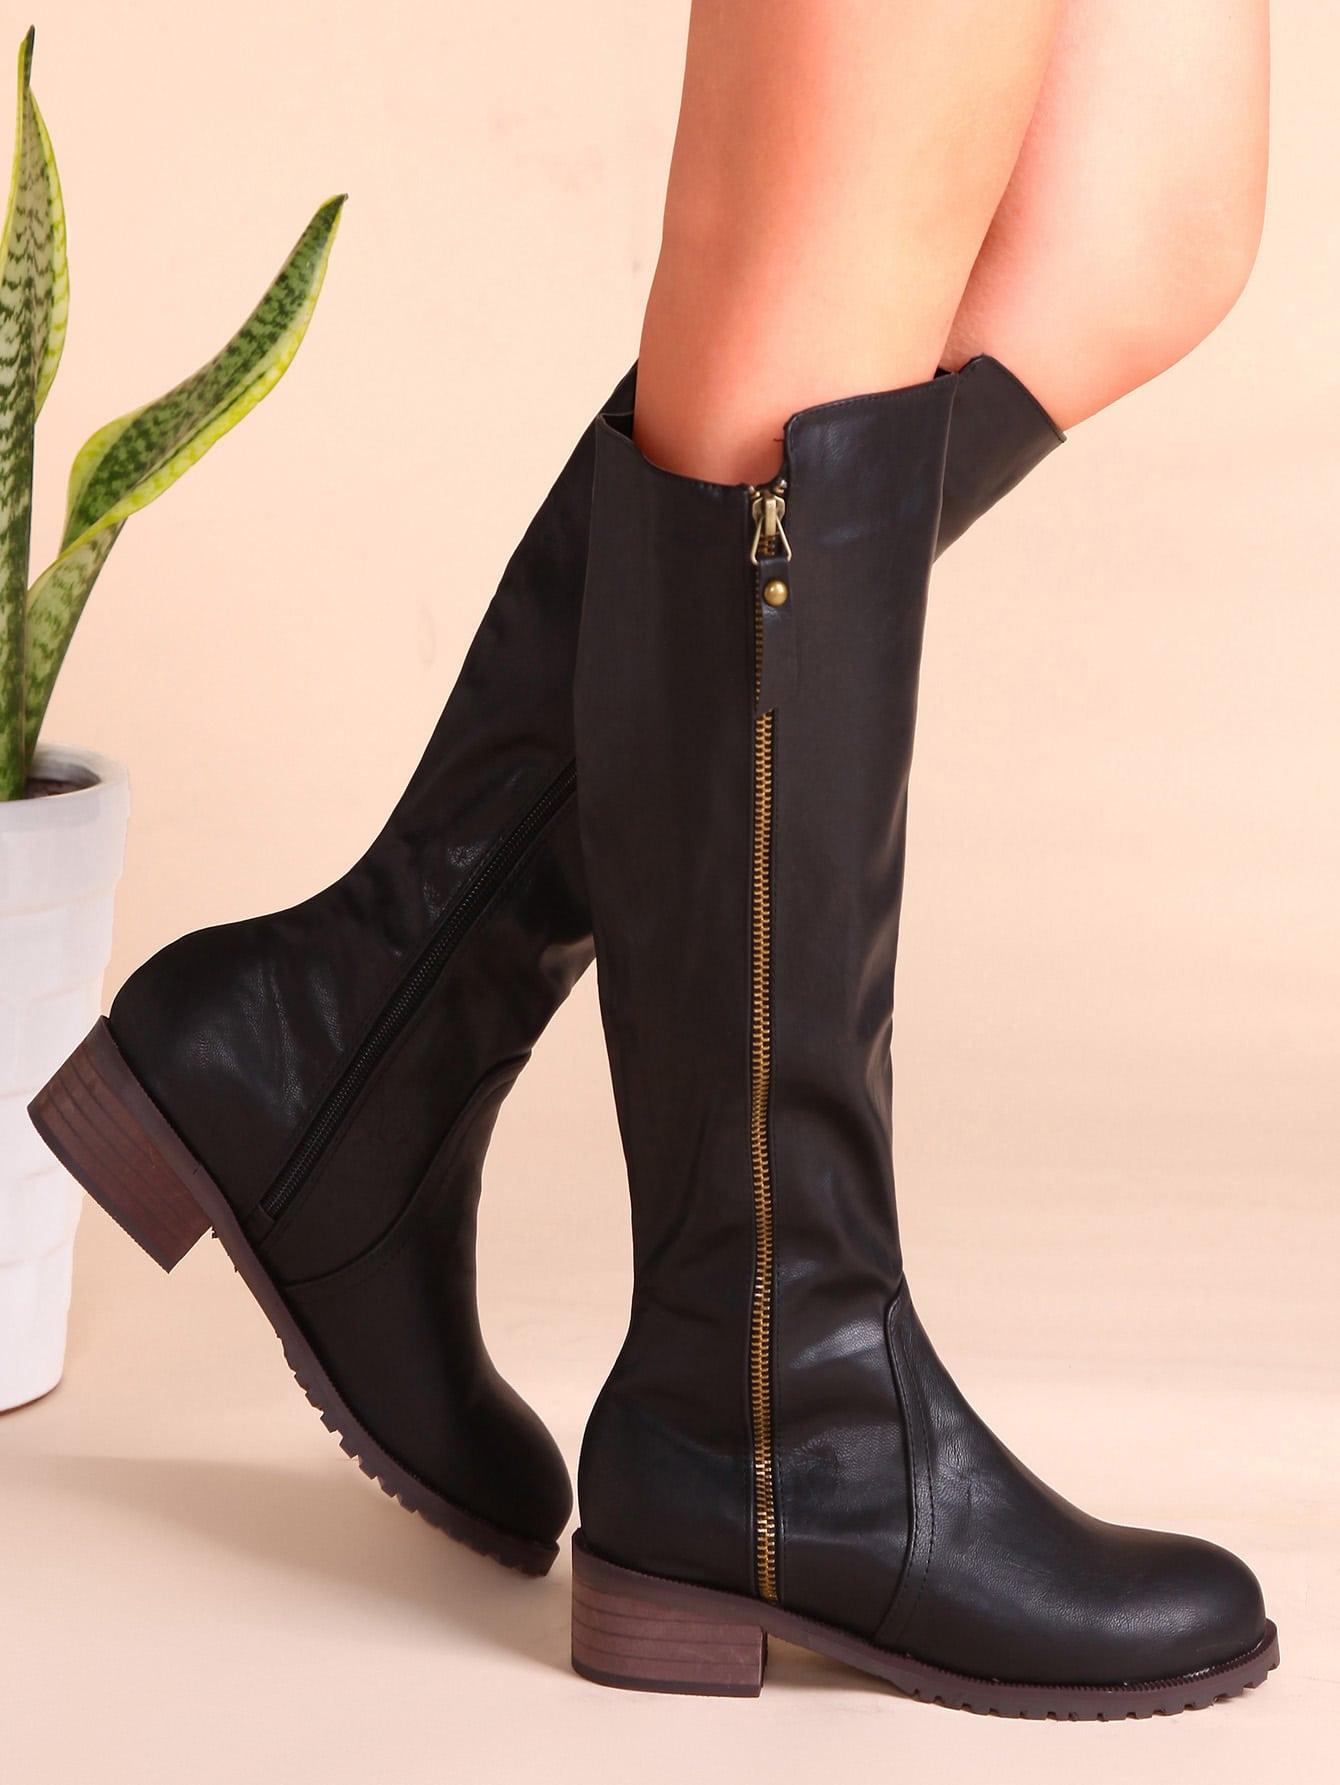 shoes161101804_2